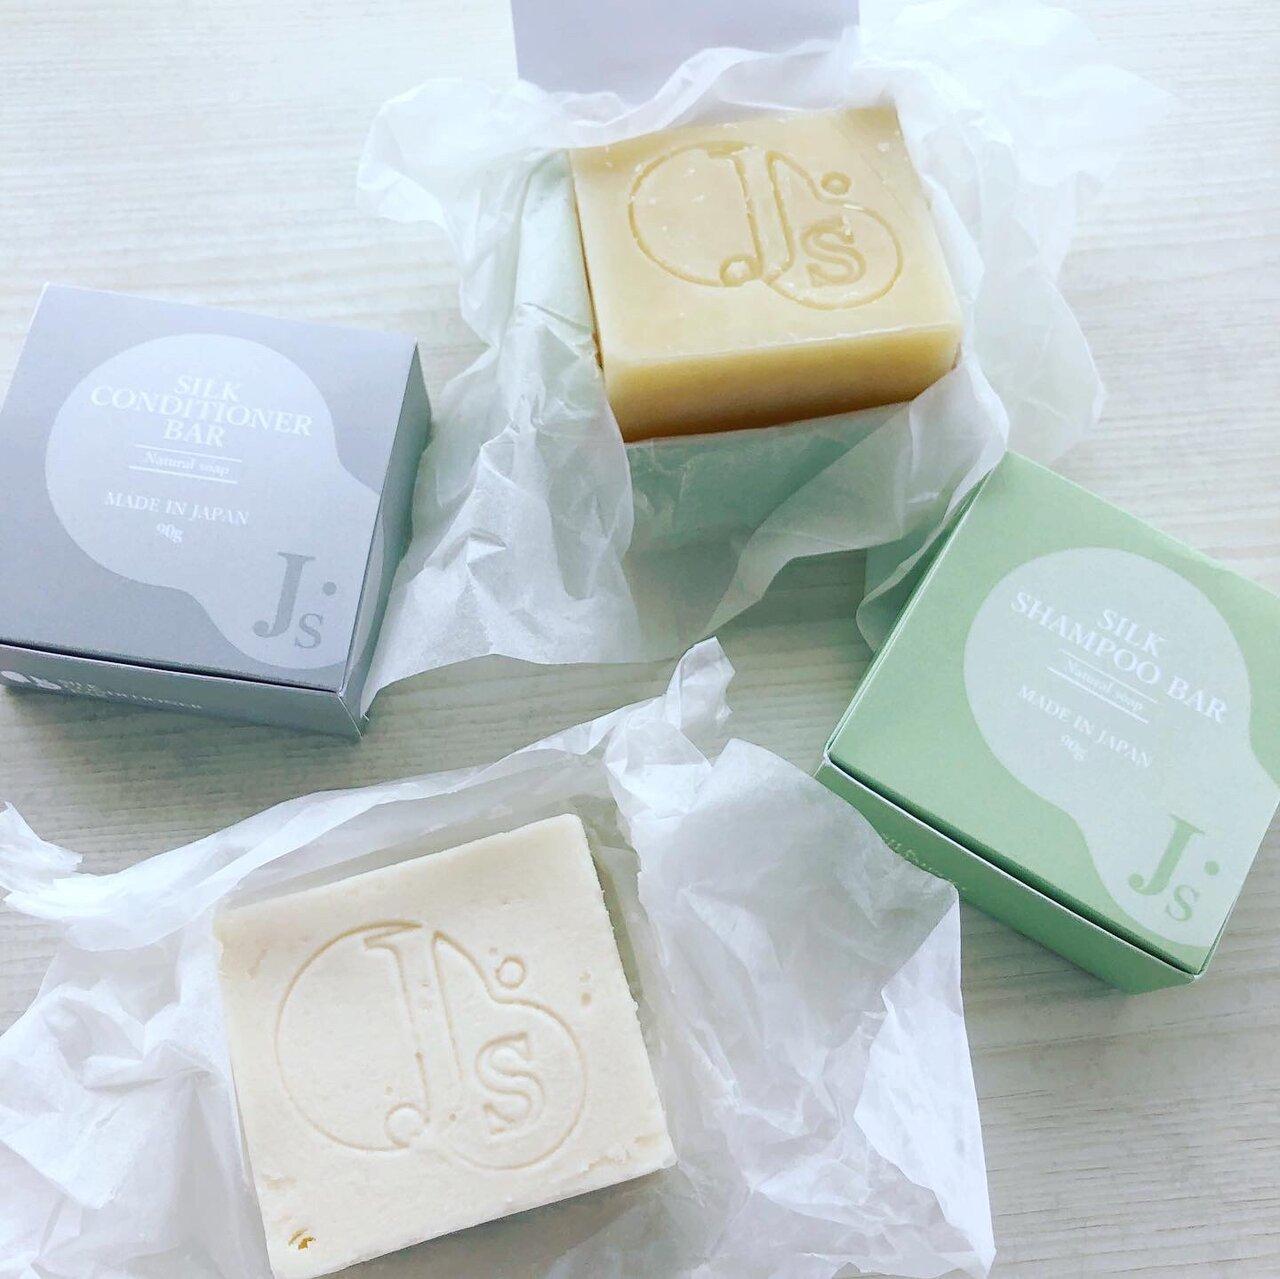 エシカルヘアケア☆石鹸シャンプーバーで環境も自分もキレイをかなえよう♪